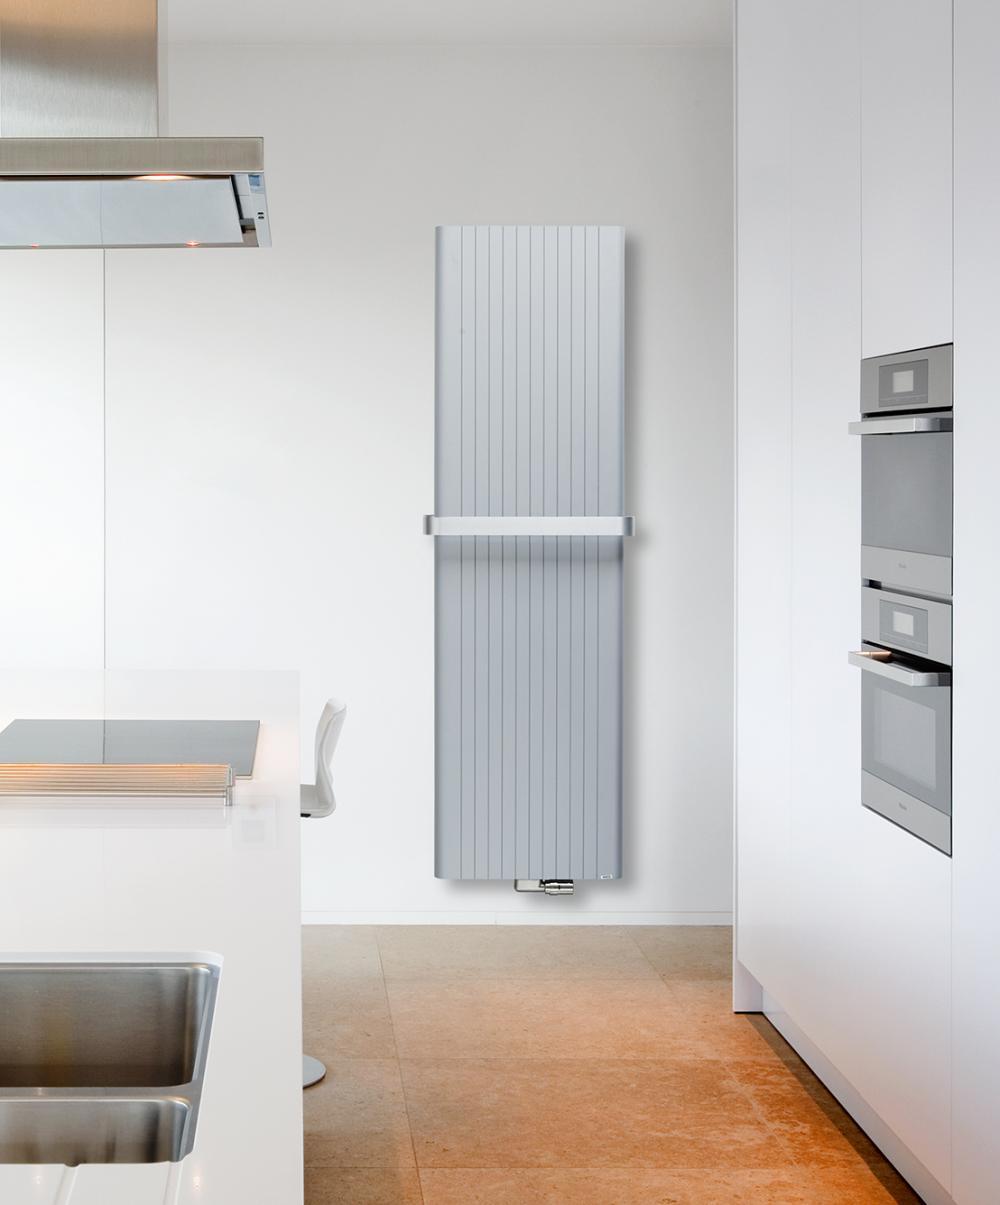 Calorifere decorative aluminiu Vasco Alu-Zen 1600x375 mm, 1196 W